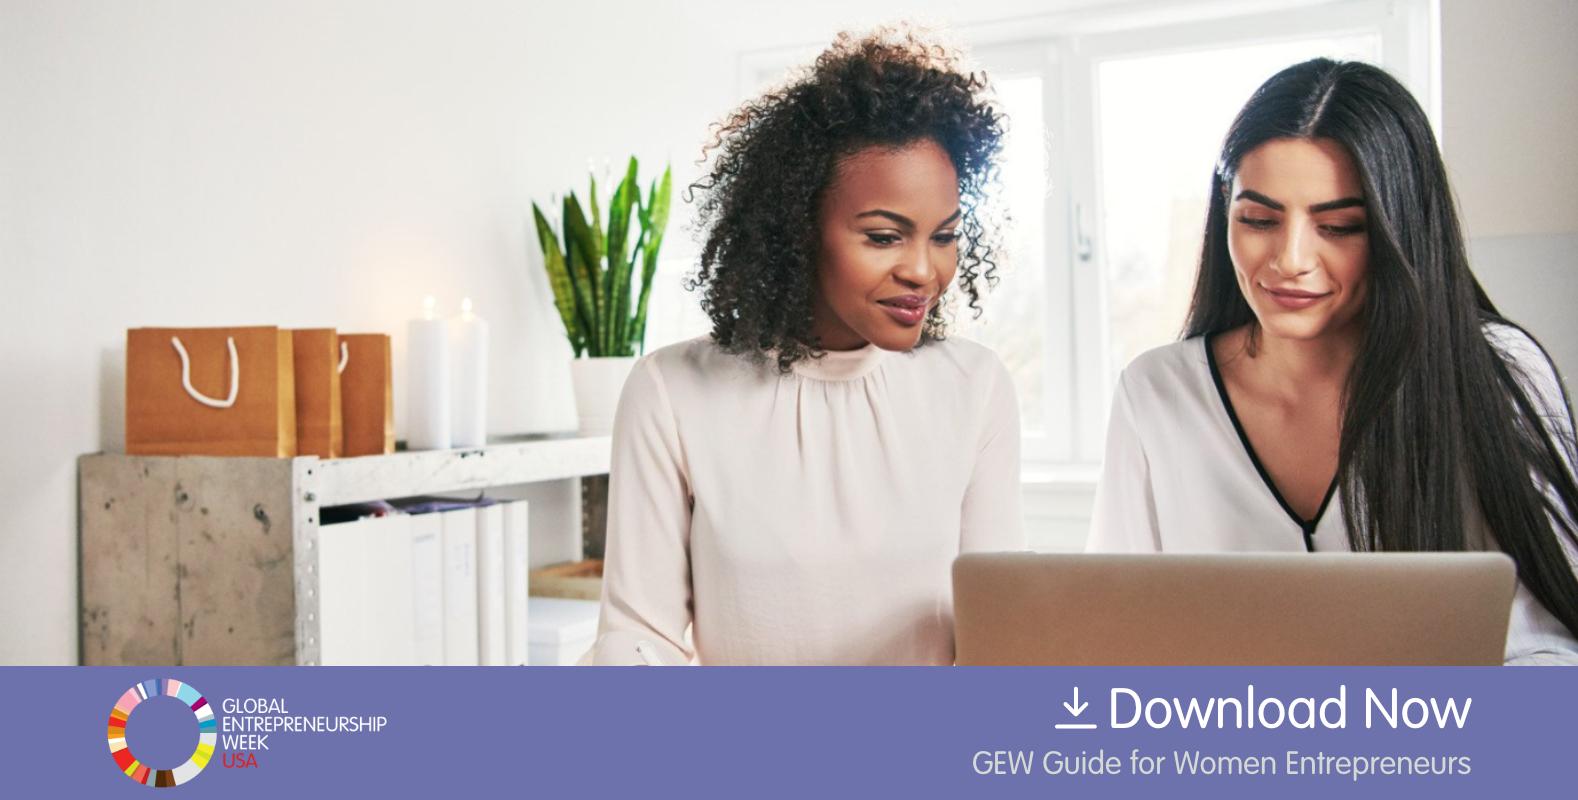 GEW Guide for Women Entrepreneurs